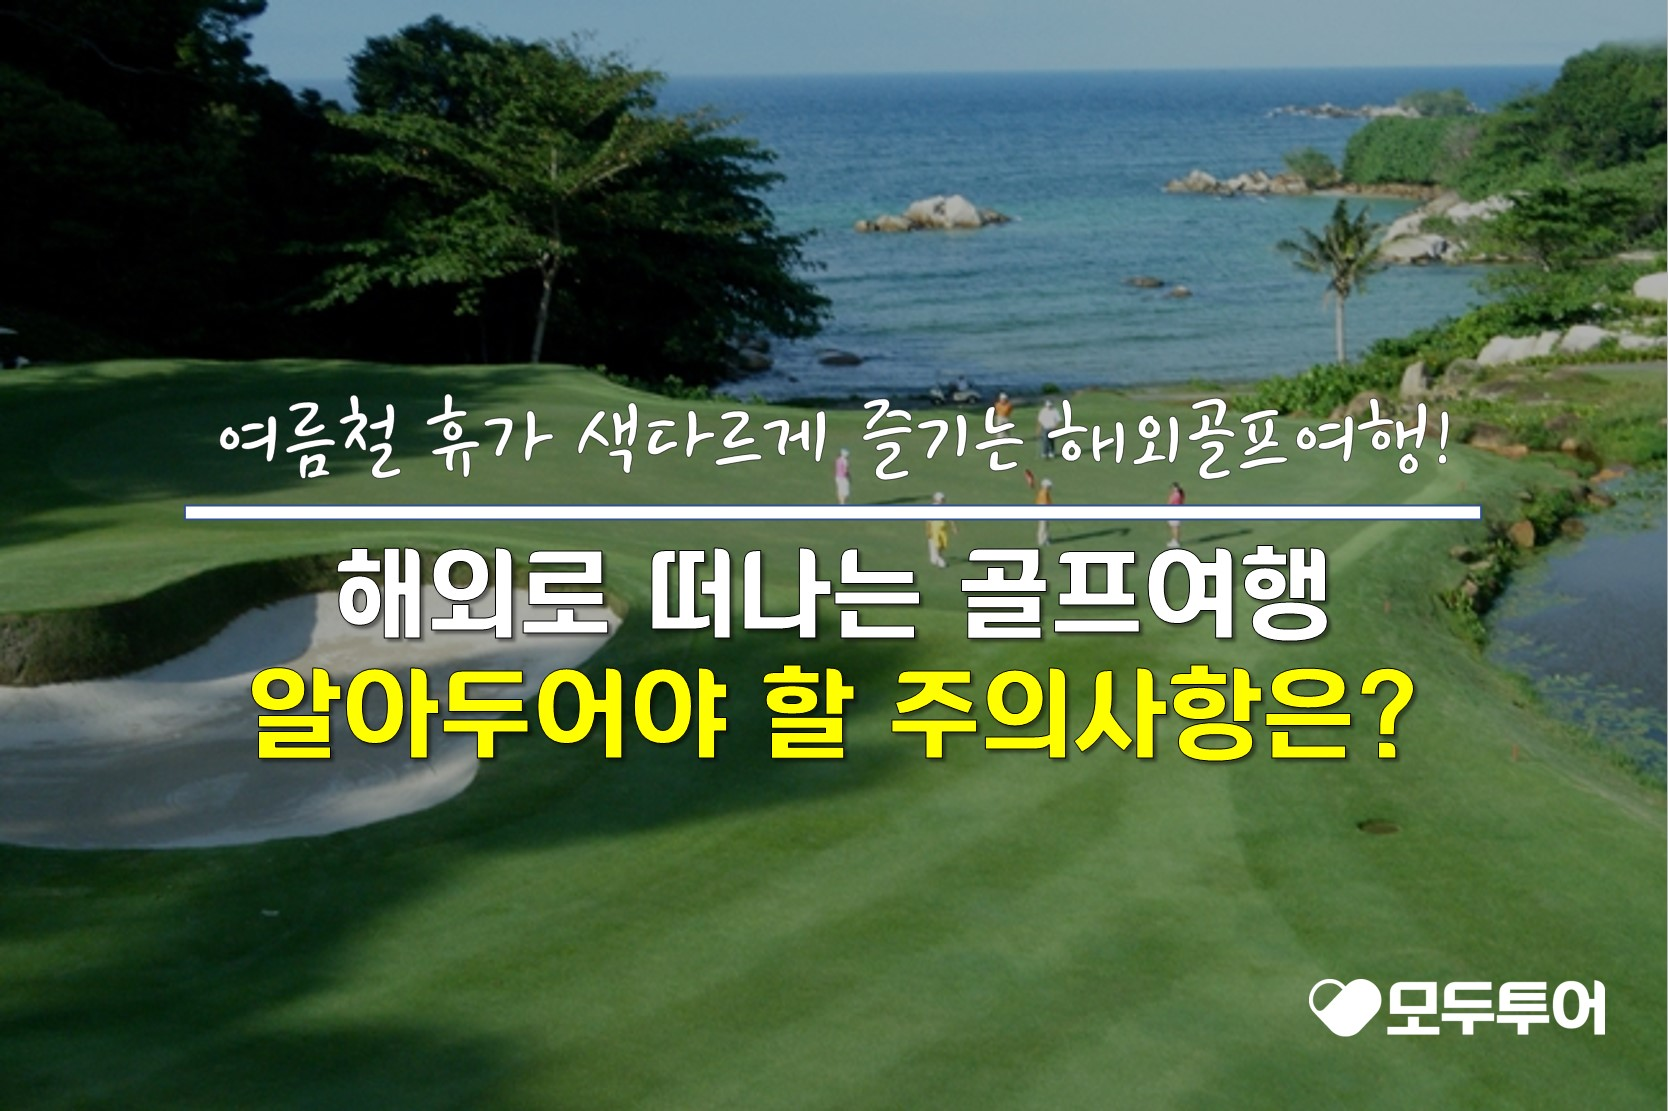 해외로 떠나는 골프여행 주의사항은?